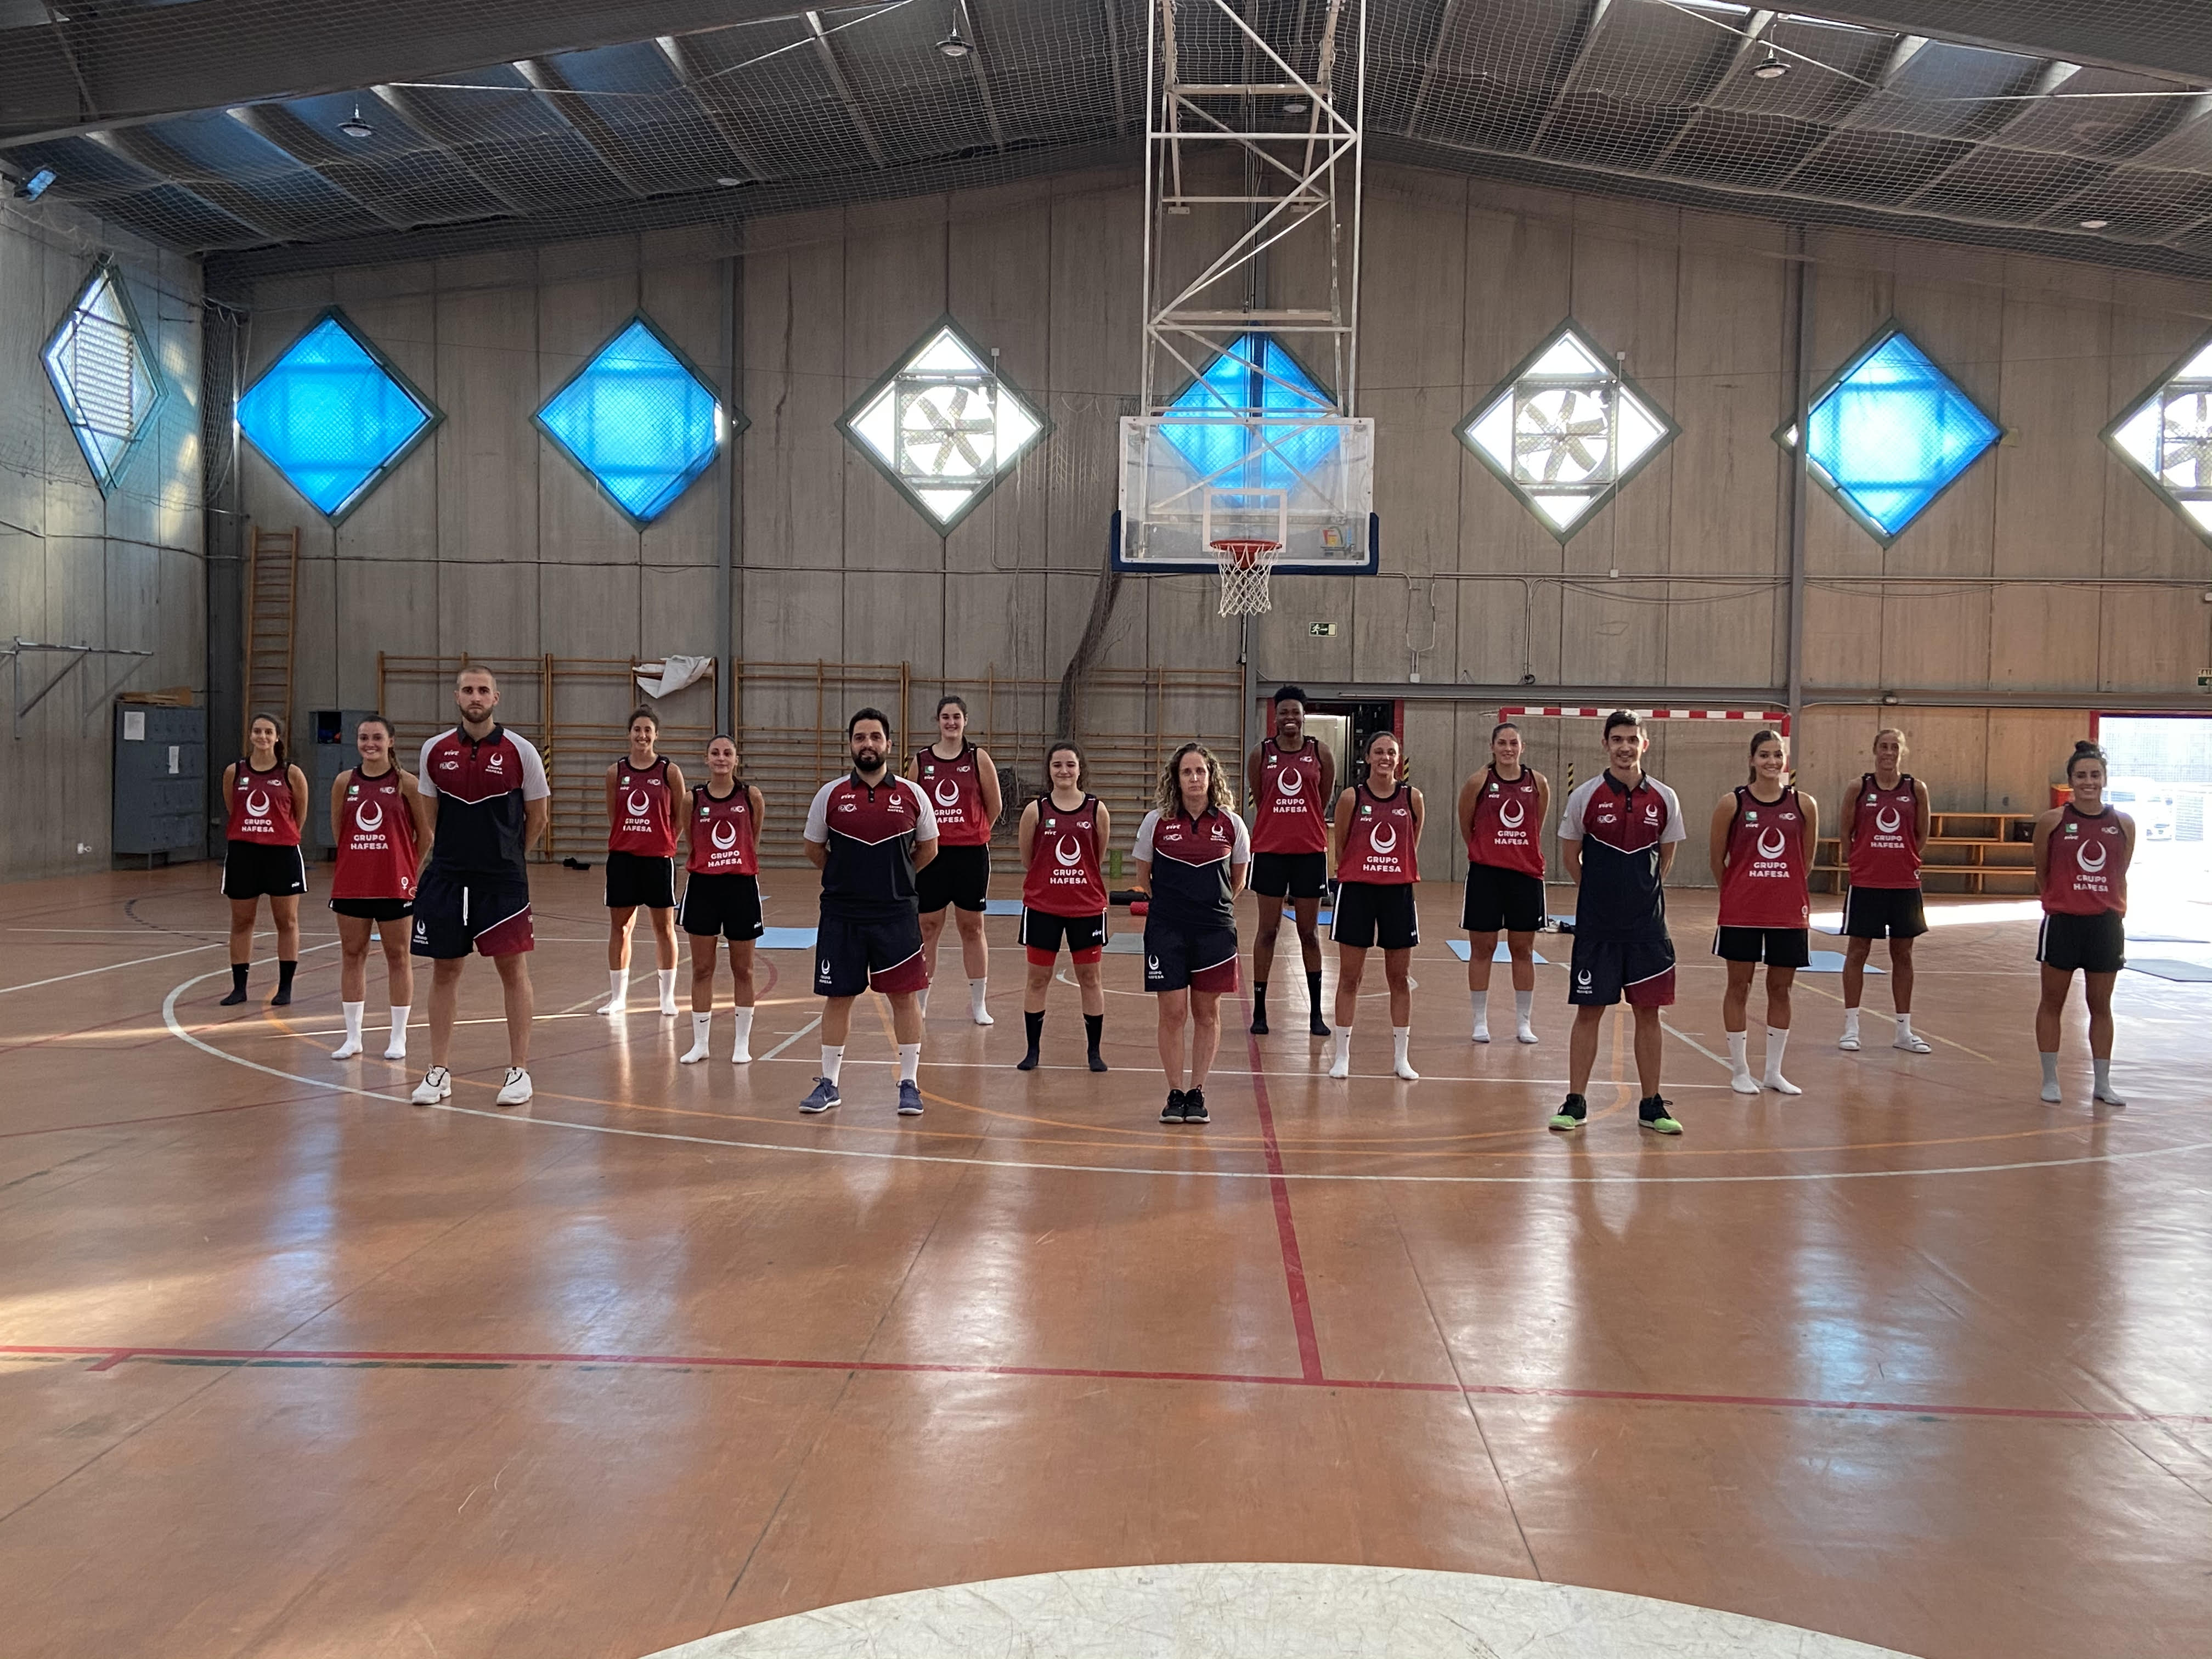 La plantilla del equipo de baloncesto femenino Hafesa guardará cuarentena tras dos positivos